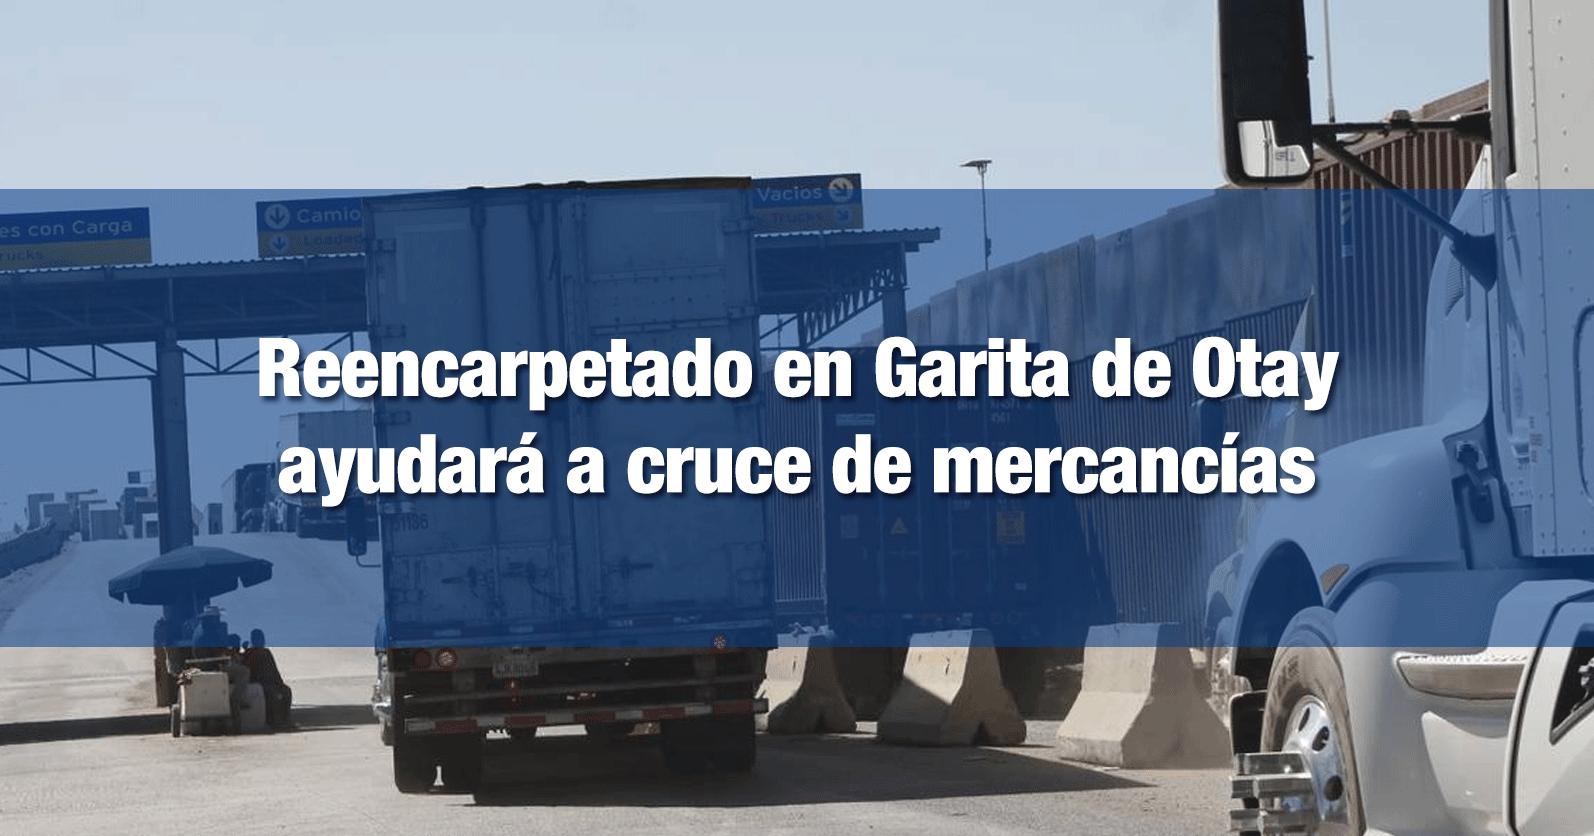 Reencarpetado en Garita de Otay ayudará a cruce de mercancías